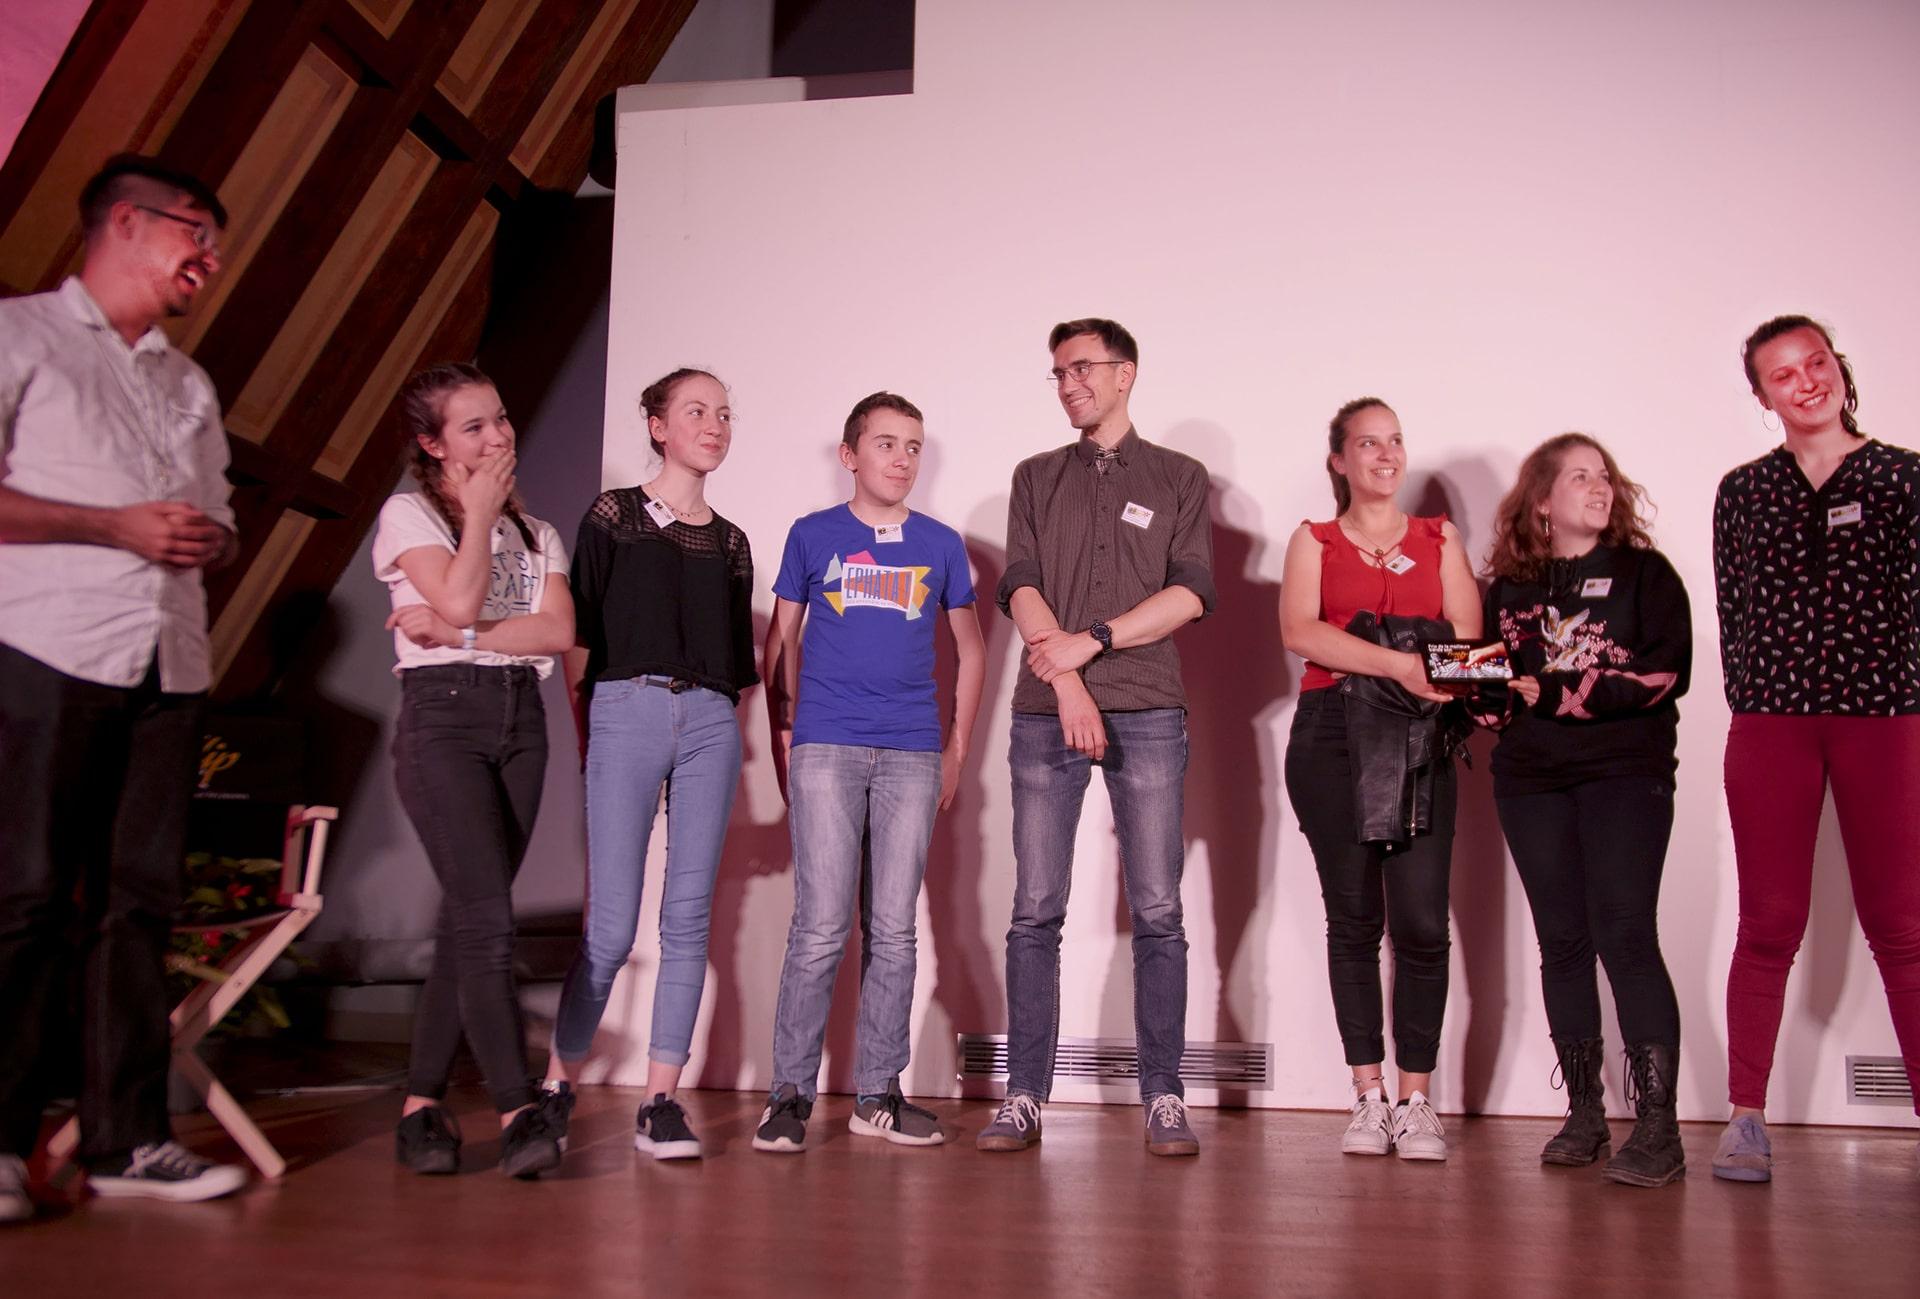 L'aumônerie de Bourgoin-Jallieu reçoit le prix de la meilleure bande son.